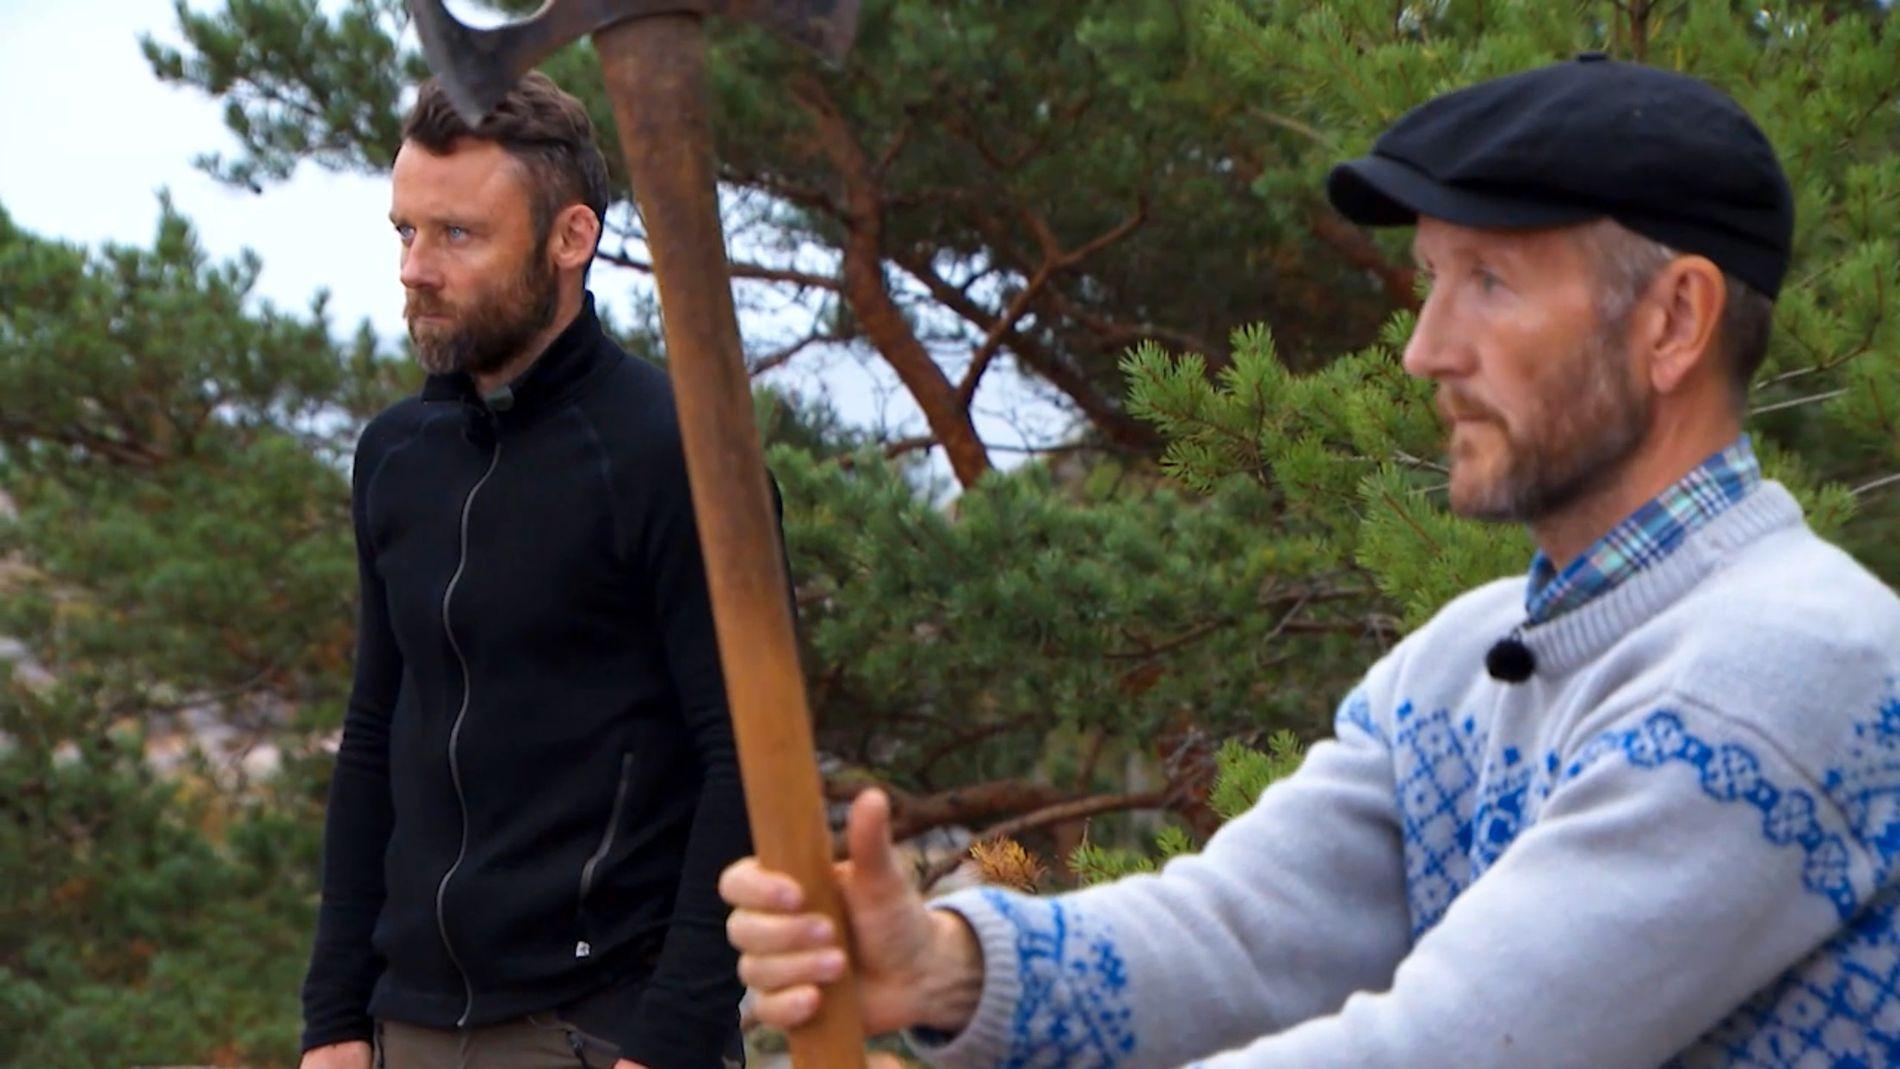 INTENST: Tom Evensen og Geir Magne i skjebnekamp.